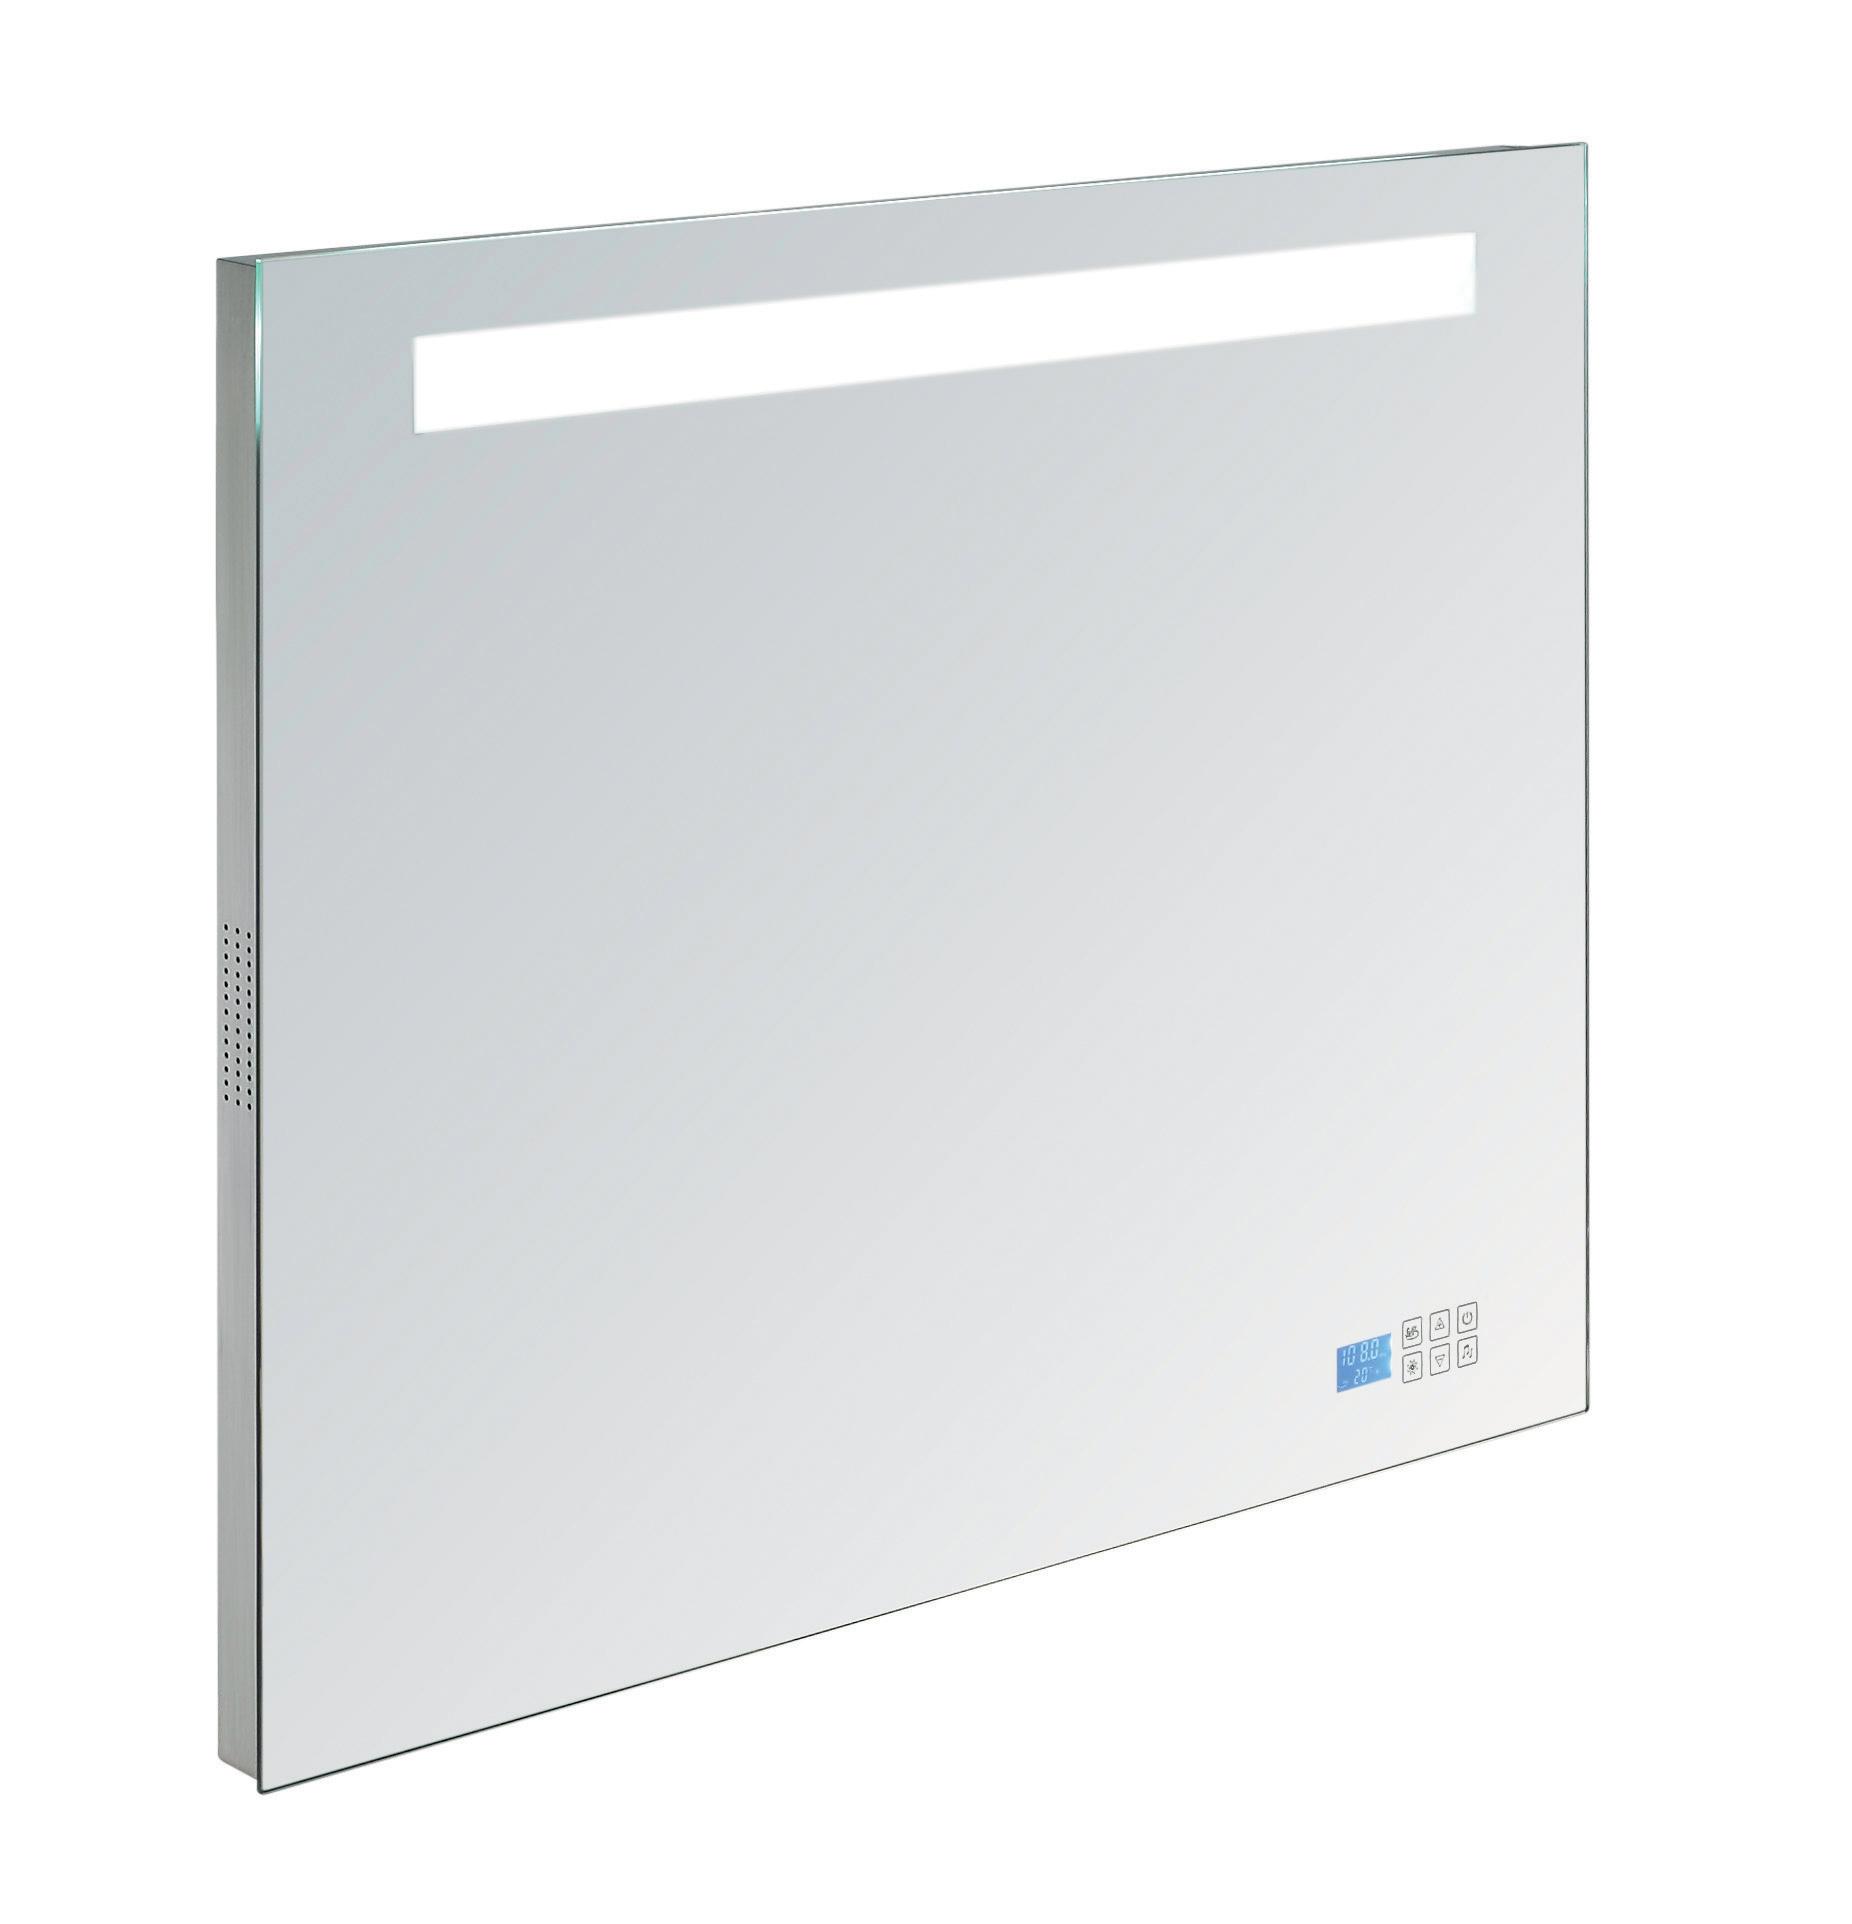 Verrassend Badkamer spiegel met Bluetooth, verlichting en radio kopen IK-45